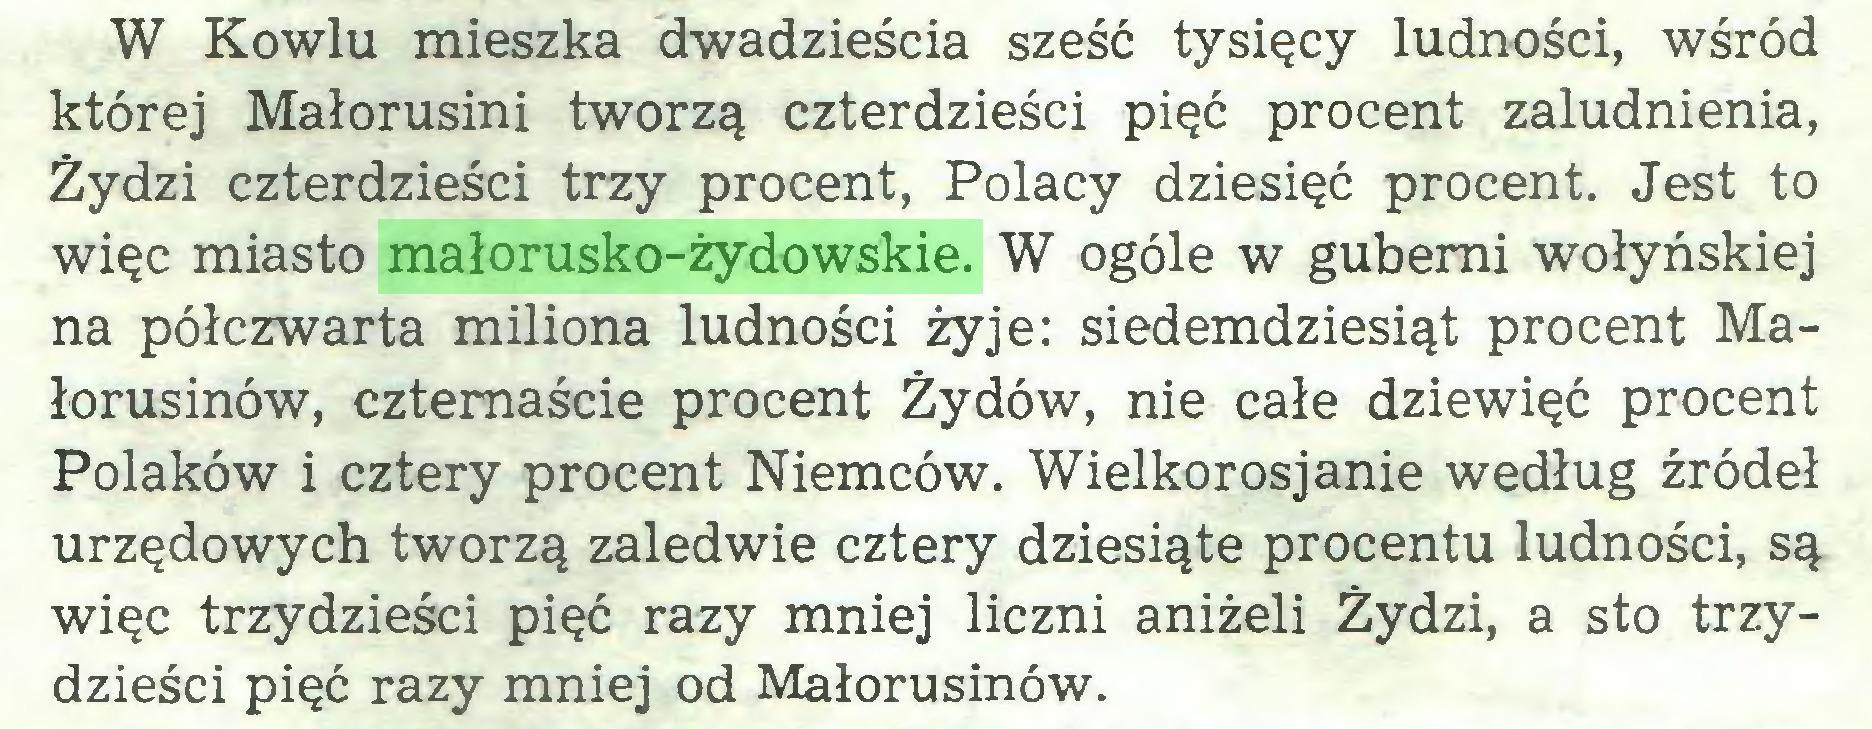 (...) W Kowlu mieszka dwadzieścia sześć tysięcy ludności, wśród której Małorusini tworzą czterdzieści pięć procent zaludnienia, Żydzi czterdzieści trzy procent, Polacy dziesięć procent. Jest to więc miasto małorusko-żydowskie. W ogóle w guberni wołyńskiej na półczwarta miliona ludności żyje: siedemdziesiąt procent Małorusinów, czternaście procent Żydów, nie całe dziewięć procent Polaków i cztery procent Niemców. Wielkorosjanie według źródeł urzędowych tworzą zaledwie cztery dziesiąte procentu ludności, są więc trzydzieści pięć razy mniej liczni aniżeli Żydzi, a sto trzydzieści pięć razy mniej od Małorusinów...